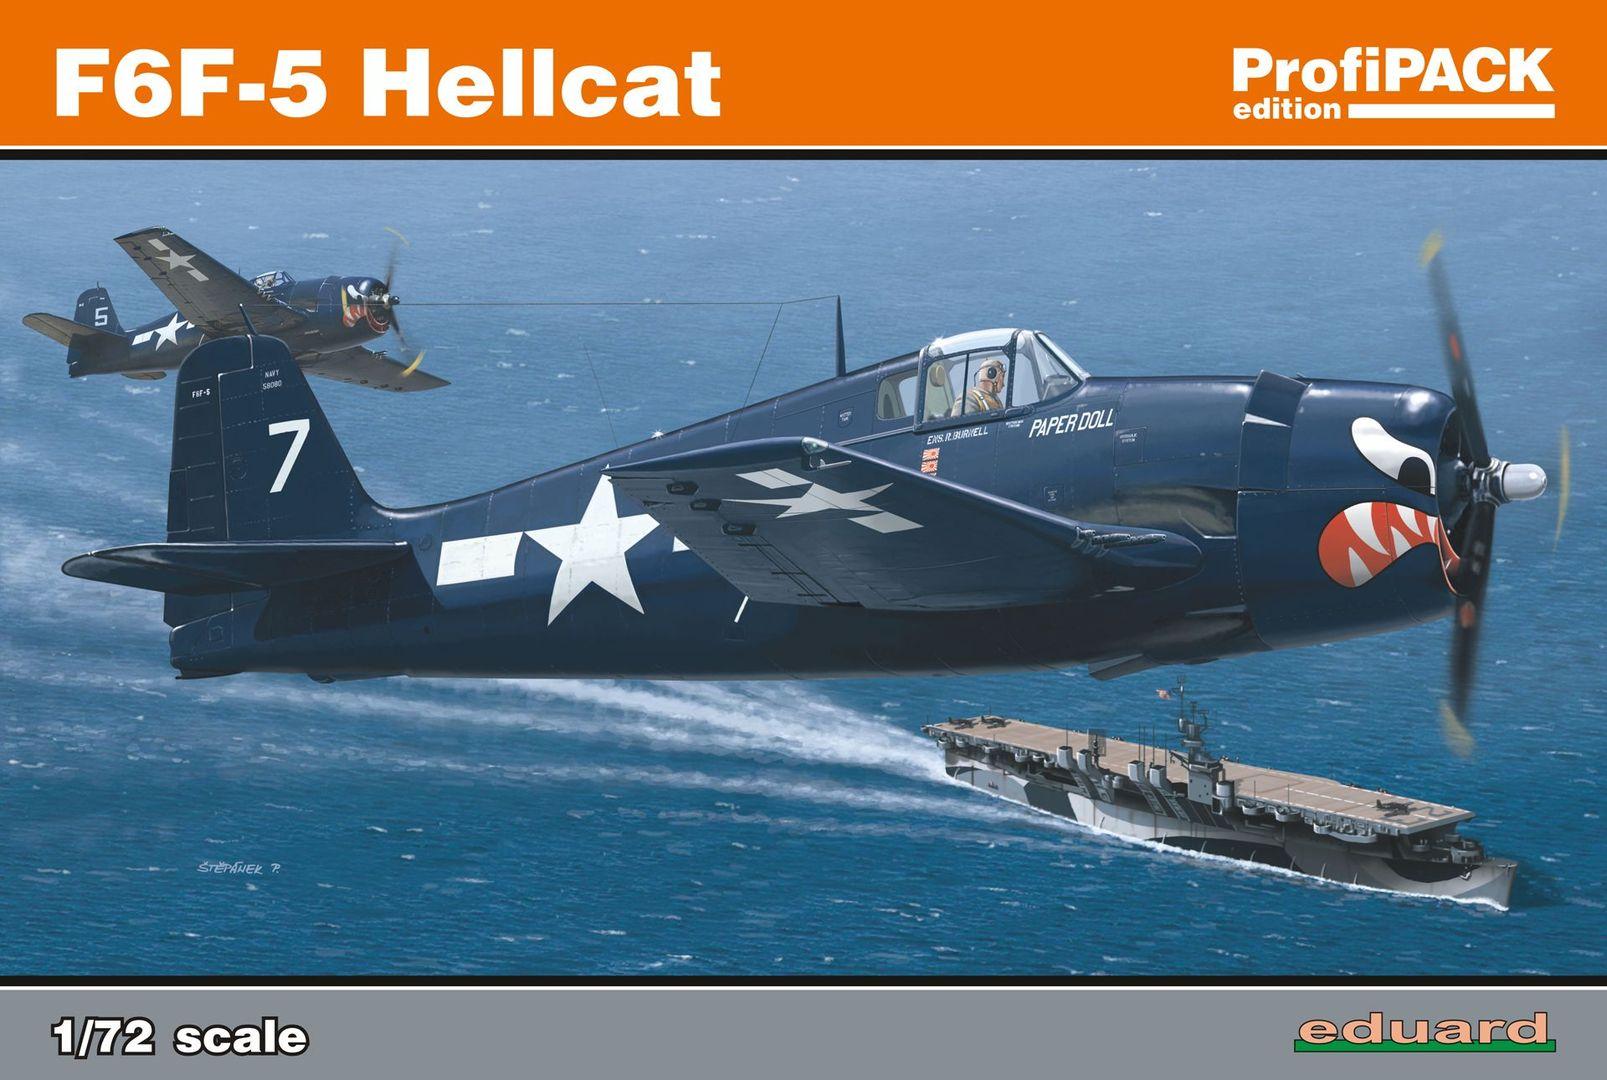 Eduard-7077-F6F-5-Hellcat-Deckelbild F6F-5 Hellcat von Eduard im Maßstab 1:72